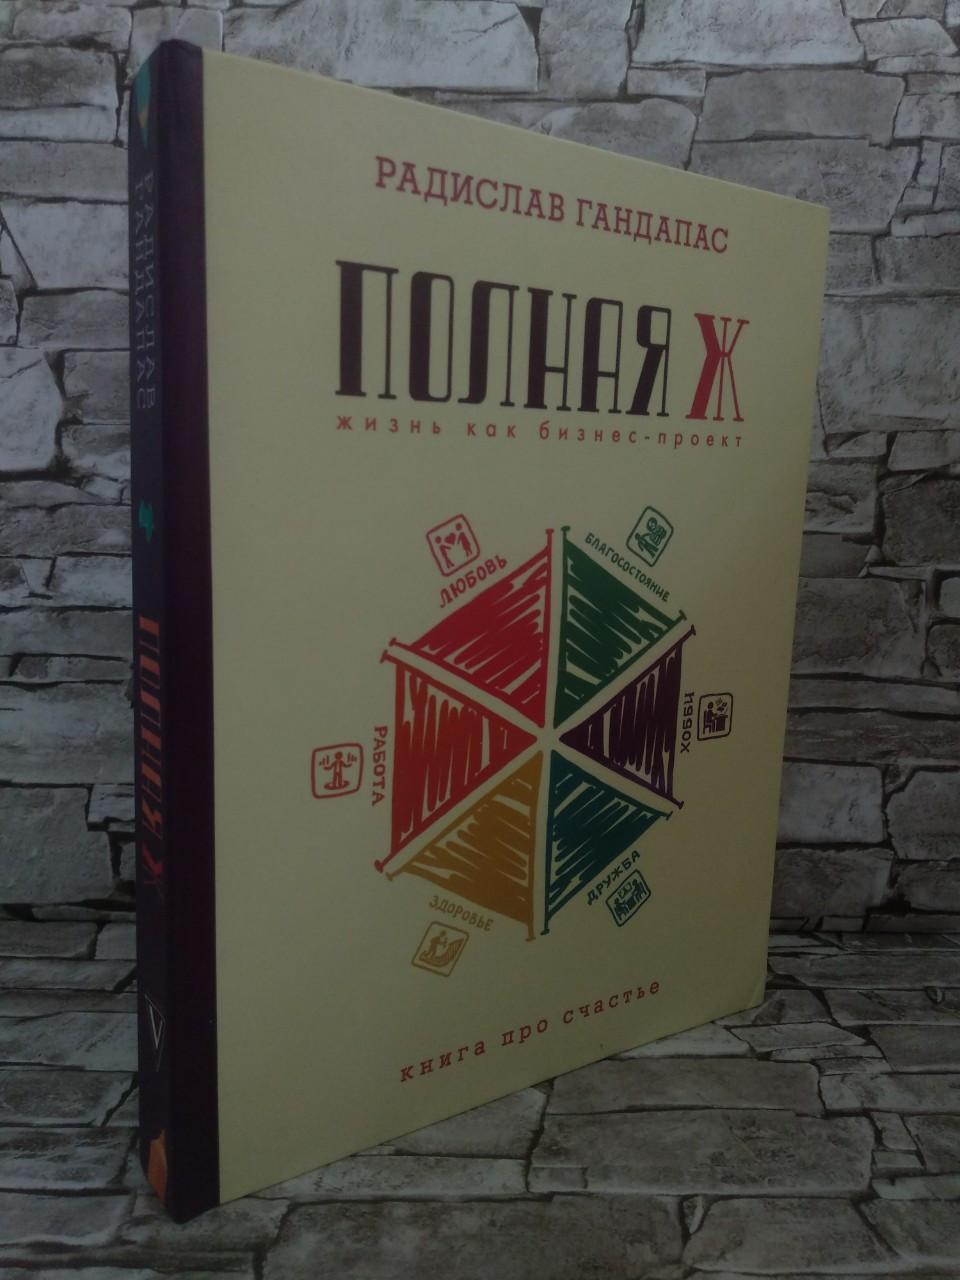 """Книга """"Полная Ж. Жизнь как бизнес-проект"""" Радислав Гандапас"""